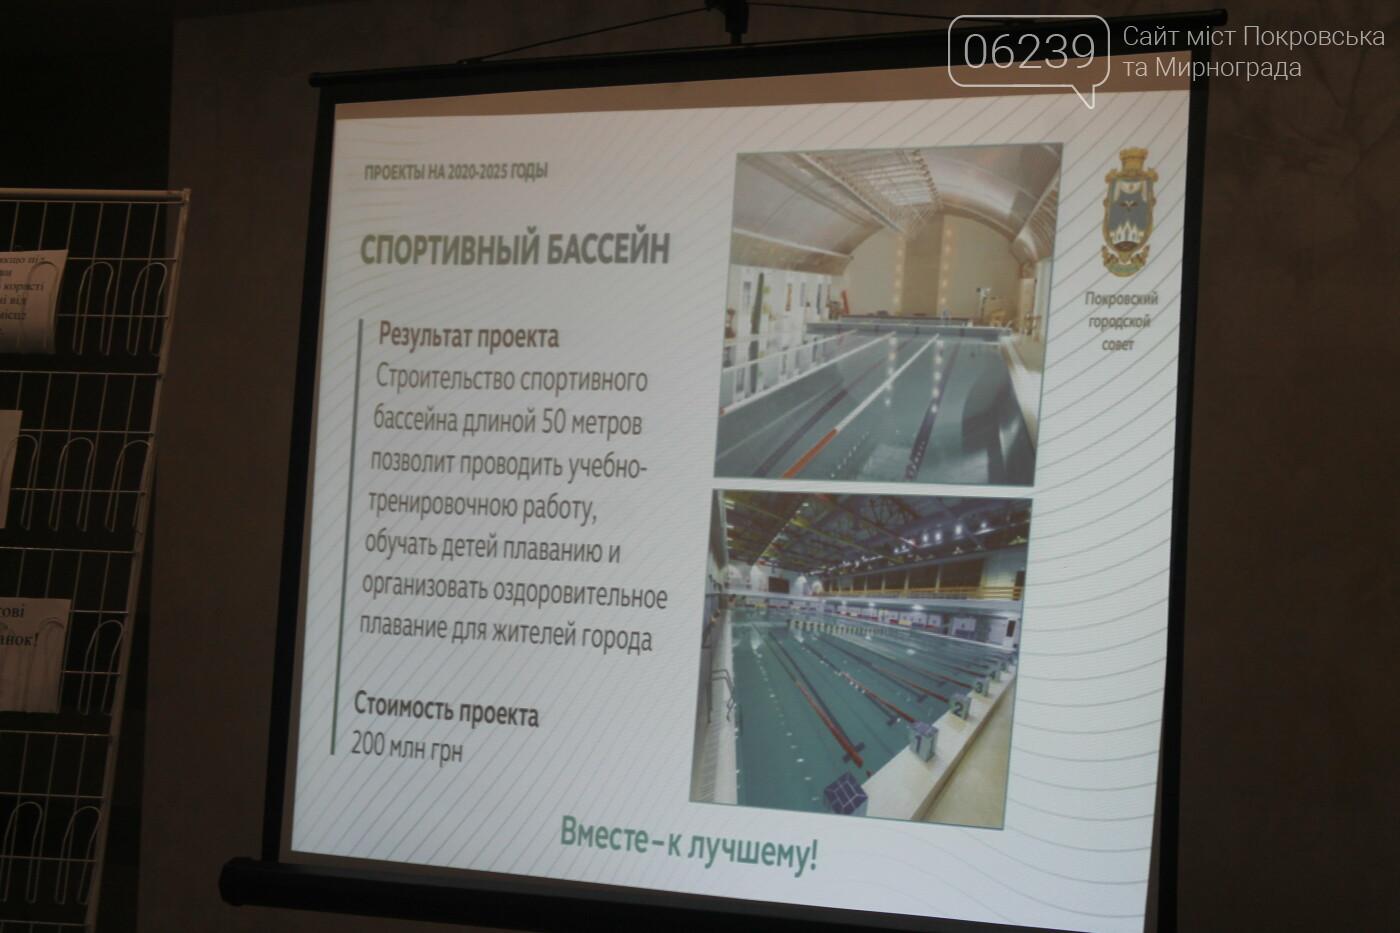 Бассейн, новый микрорайон, Media Hab и другое: жители Покровска обсуждают Стратегию развития города, фото-9